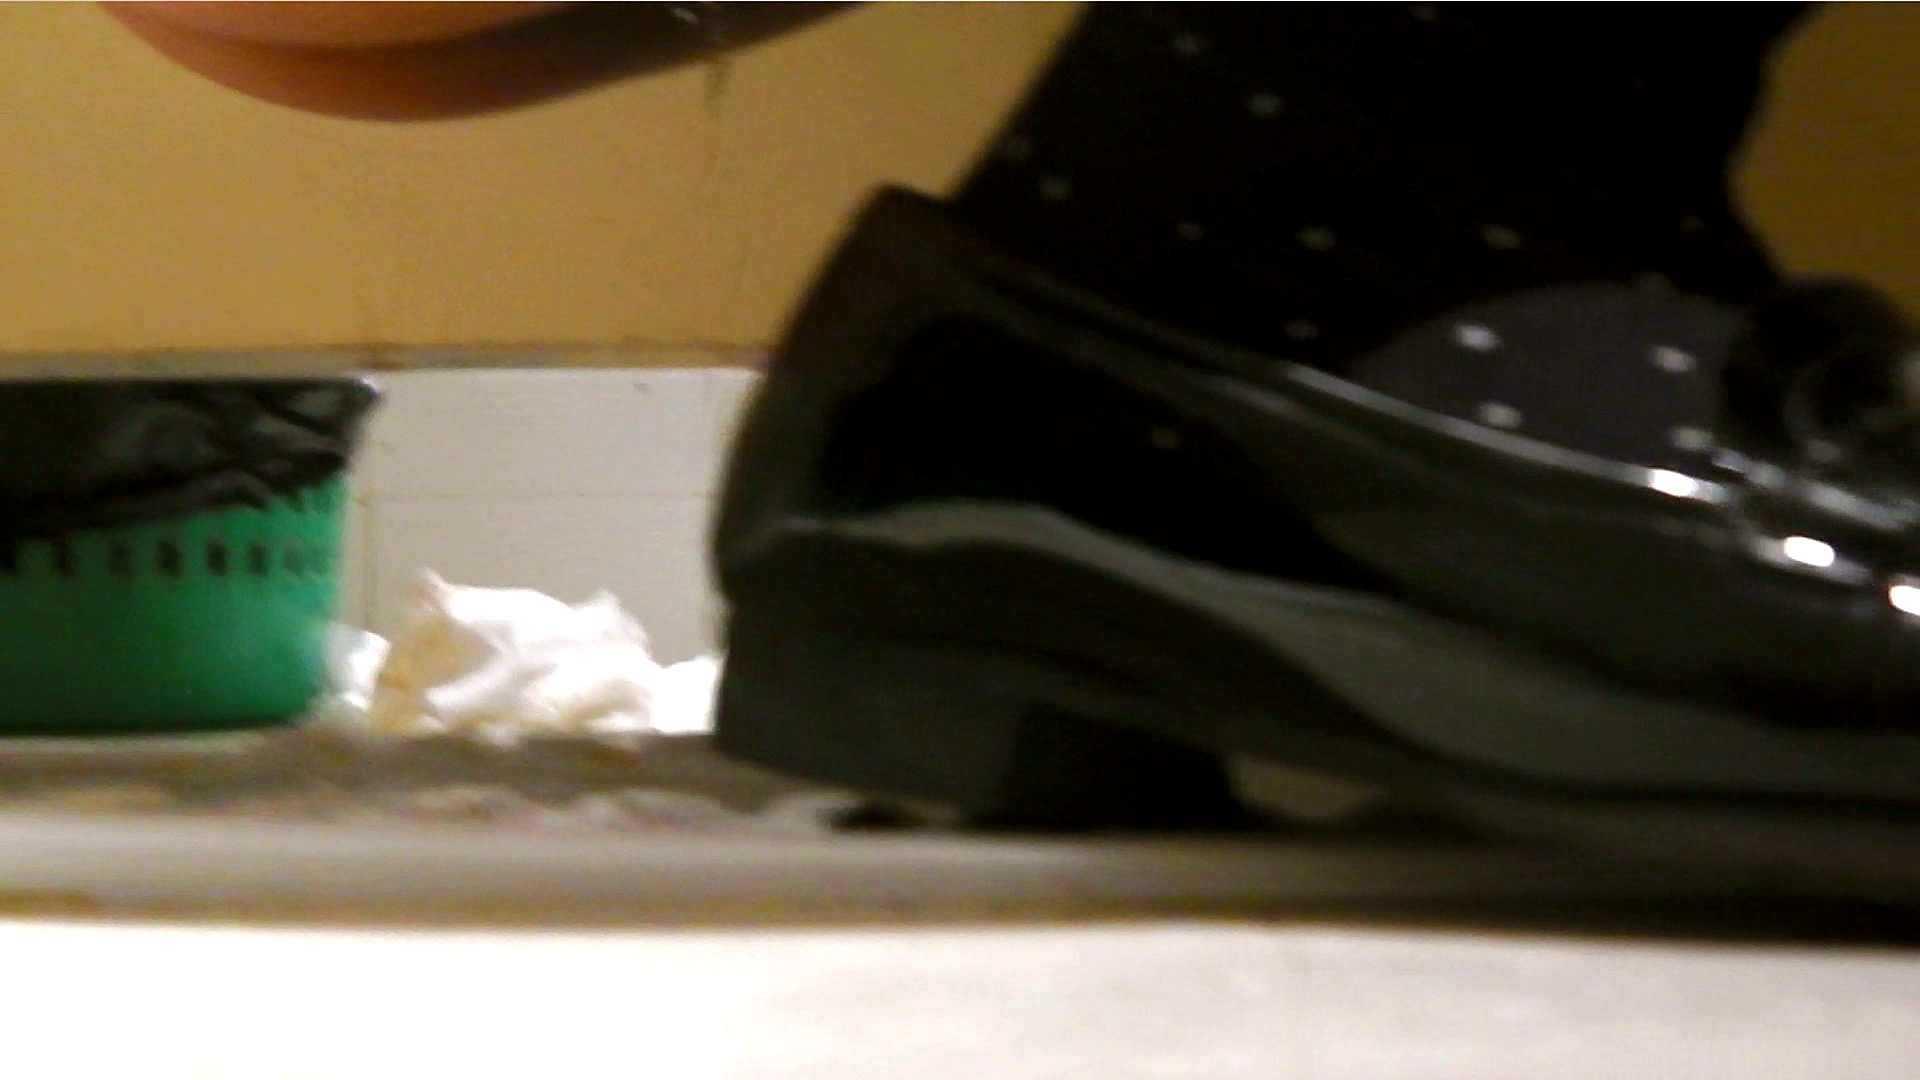 洗寿観音さんの 化粧室は四面楚歌Nol.6 洗面所のぞき AV無料 96枚 49